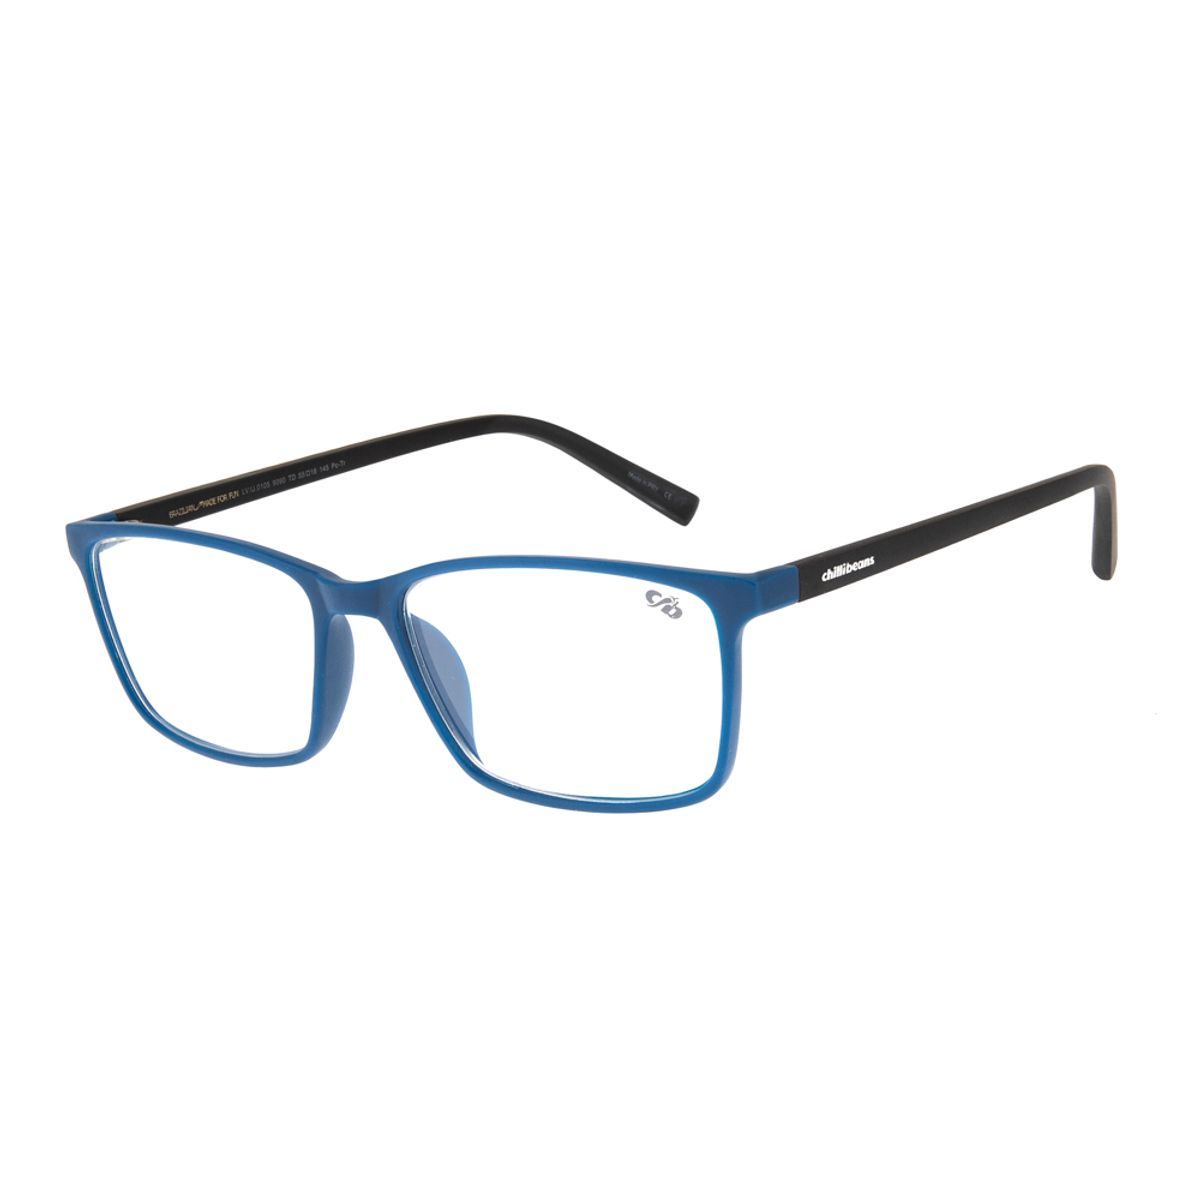 03a5890b1 Armação para Óculos de Grau Masculino Chilli Beans Retangular Azul ...